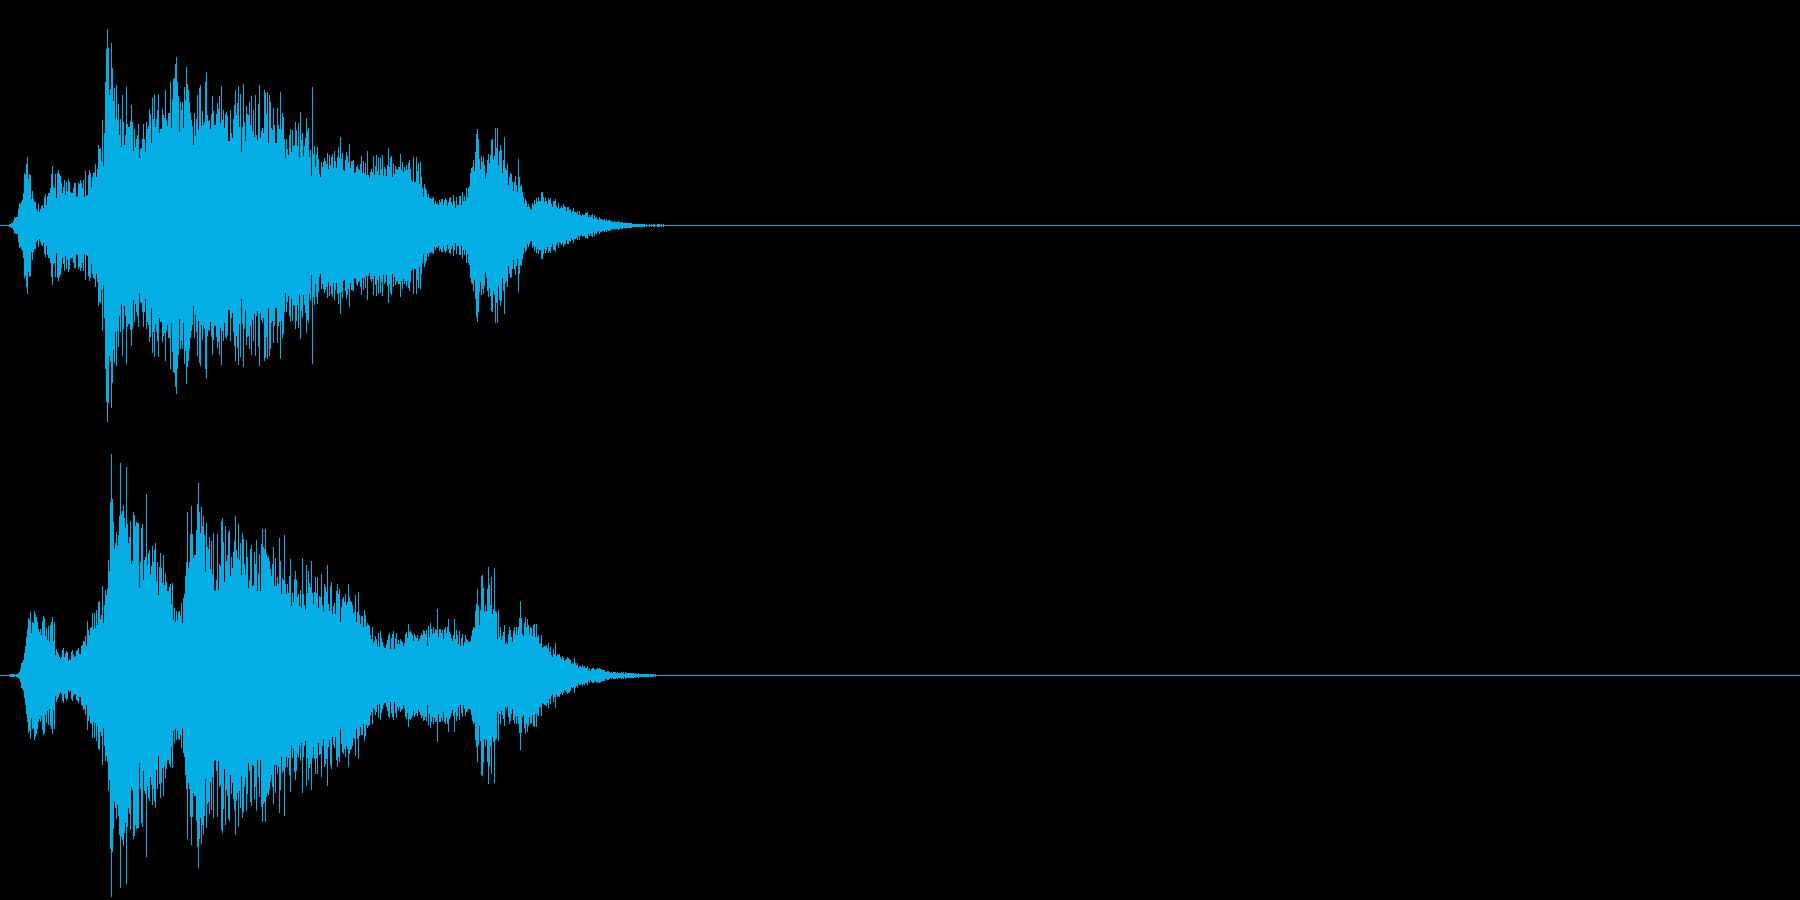 【ゲーム3】刀 ジャキン シャキン 金属の再生済みの波形